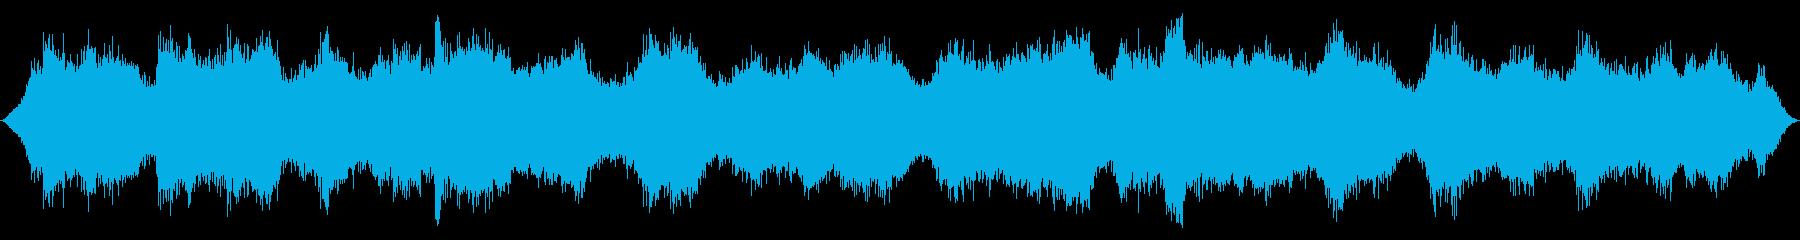 海洋:中波が来る、波のうなり、軽い鳥の再生済みの波形